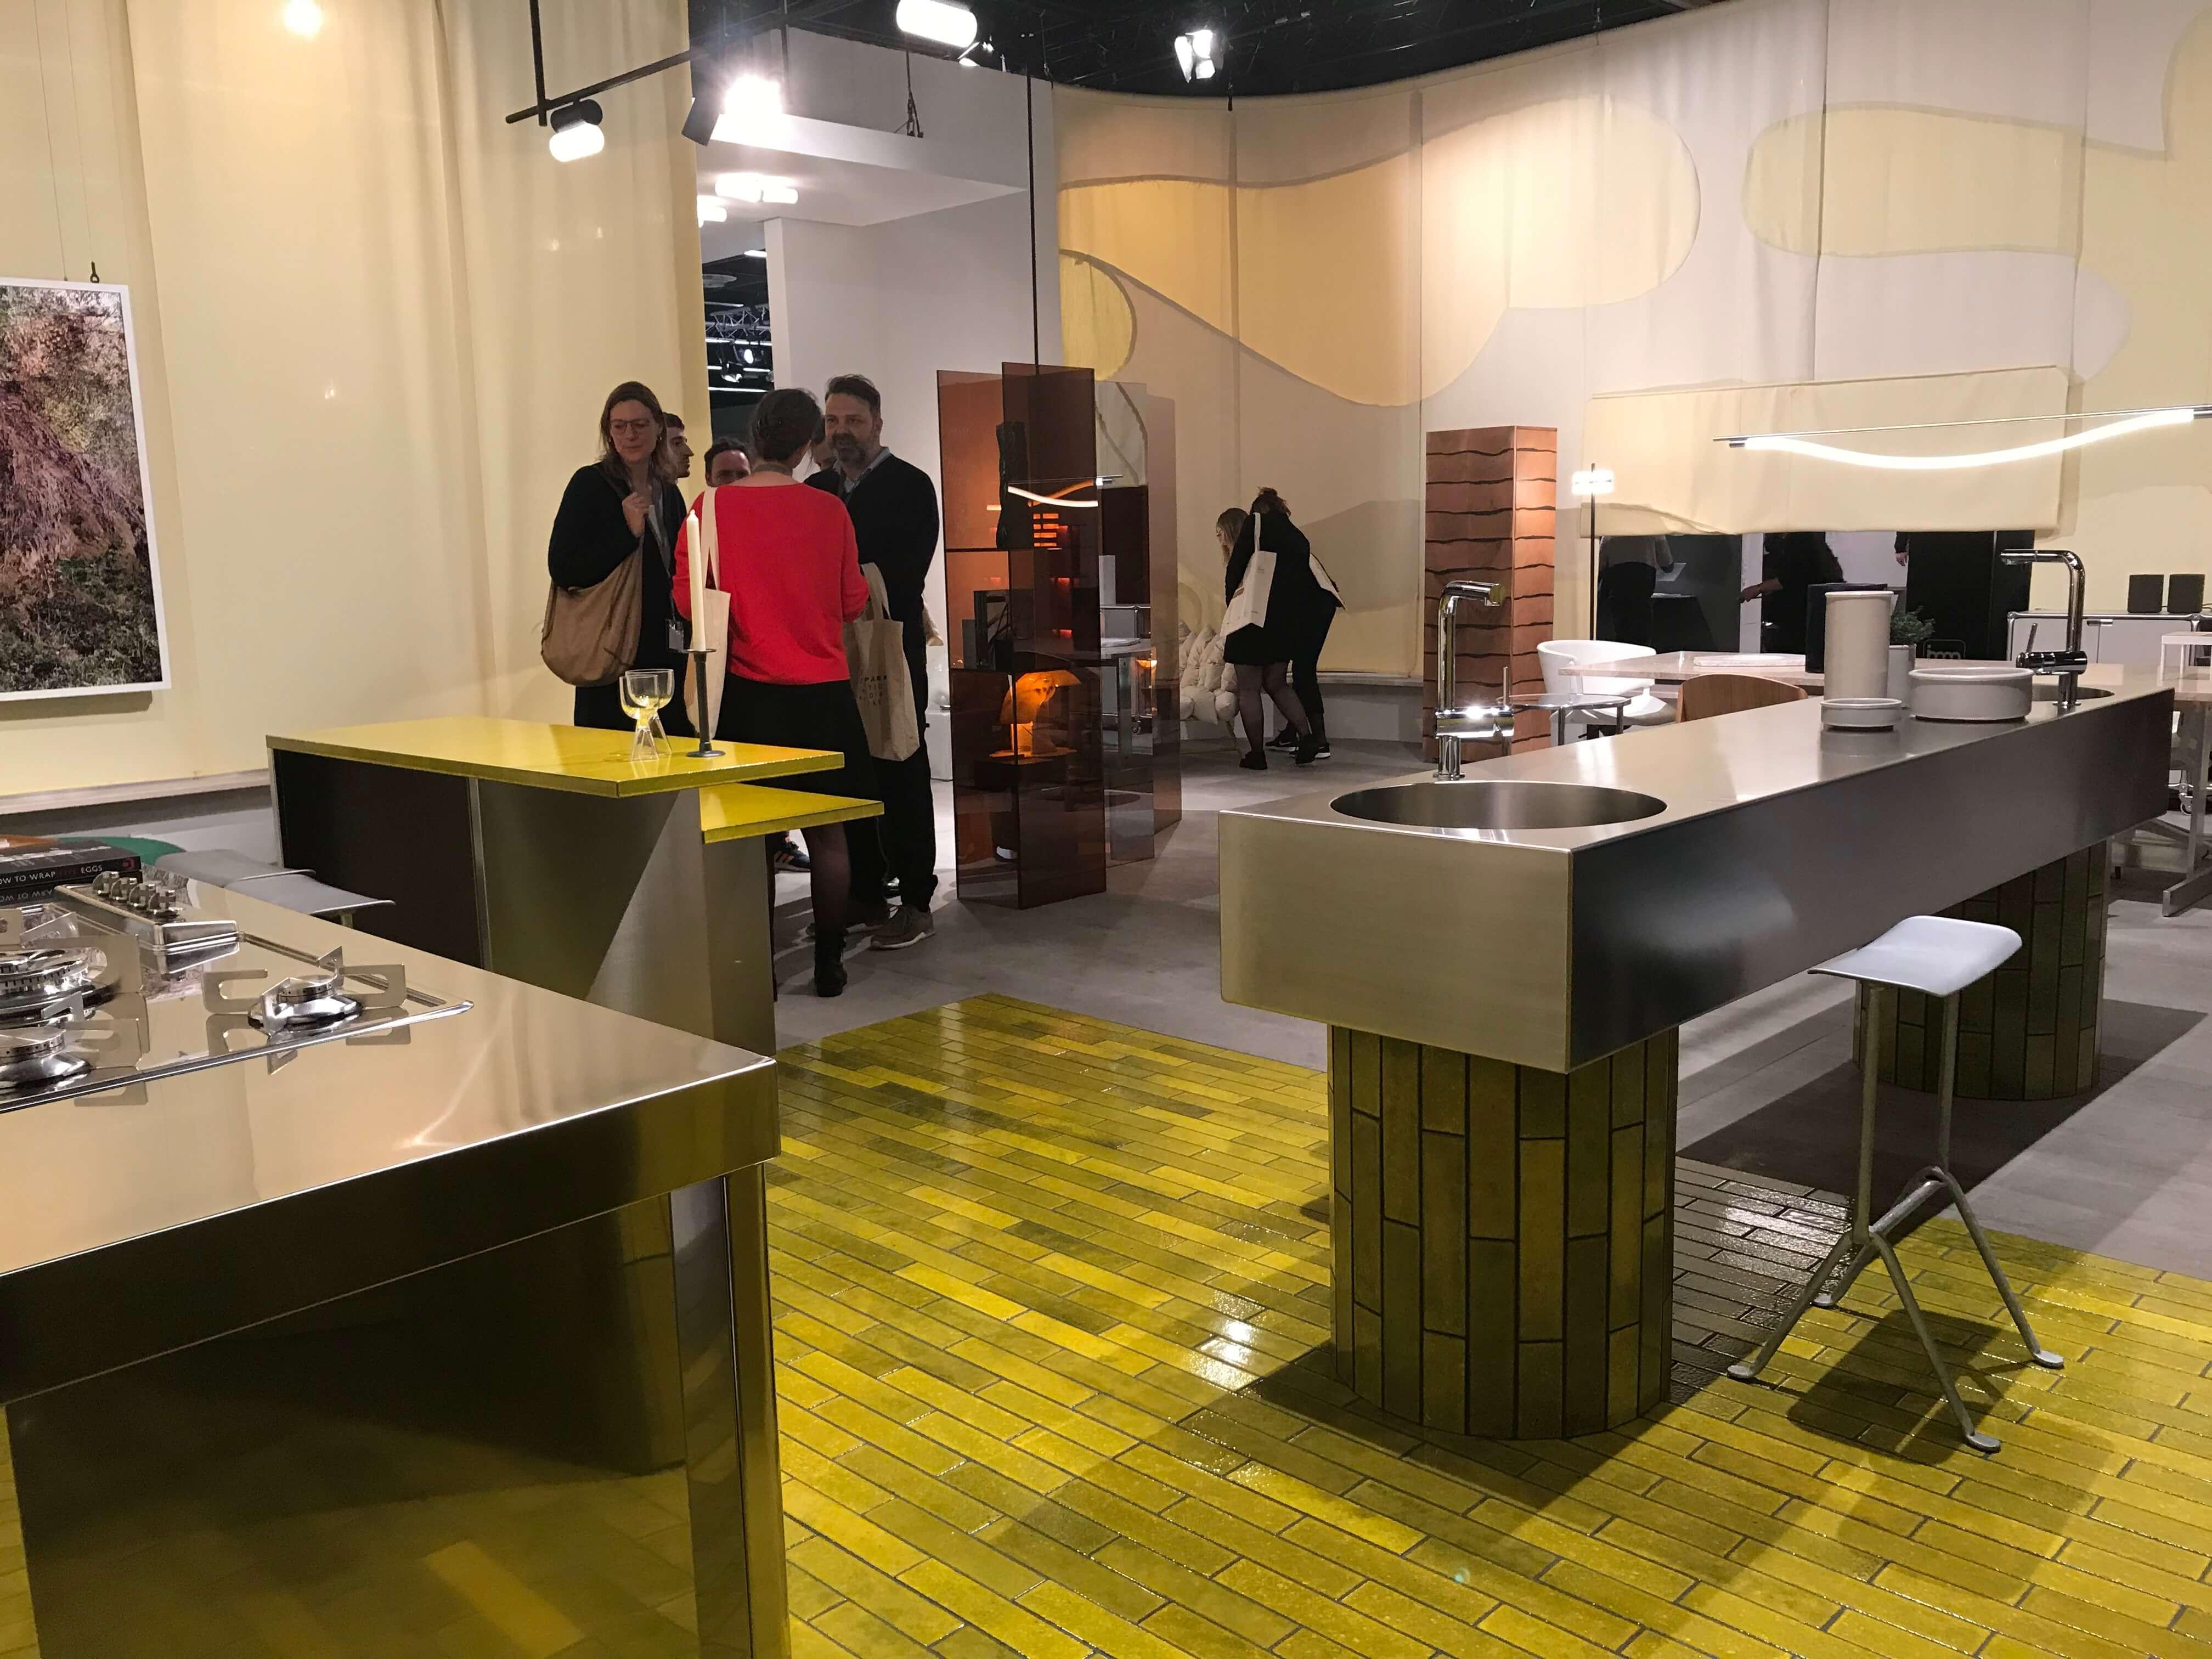 Küchen überraschen mit metallischen Arbeitsoberflächen im glänzenden und gebürsteten Look, die den dominierenden Steinplatten den Kampf ansagen